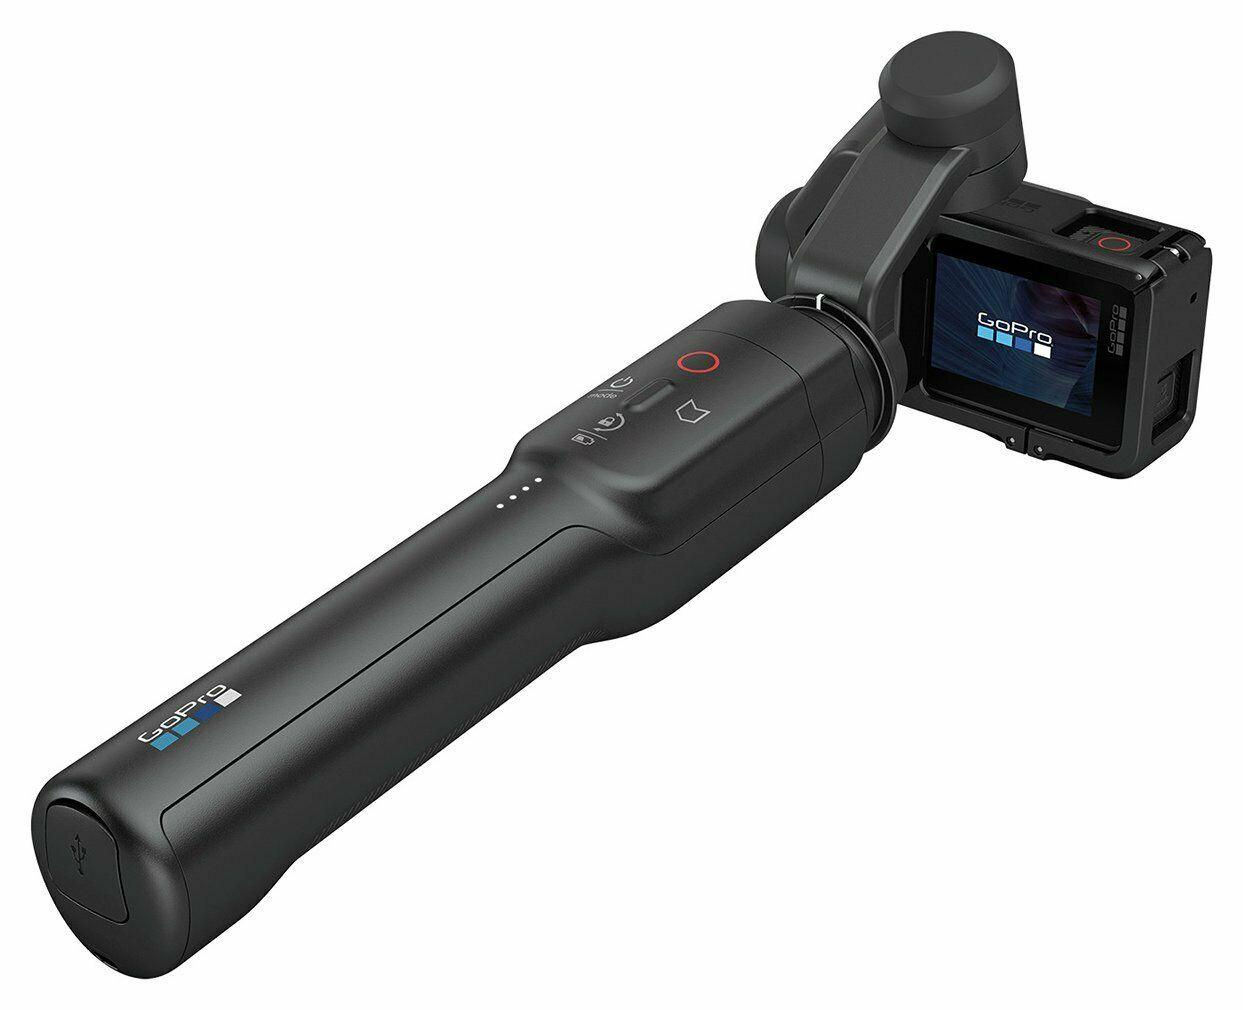 GoPro Karma Grip 26.8cm Image Stabiliser £99.99 (UK Mainland) Argos on eBay